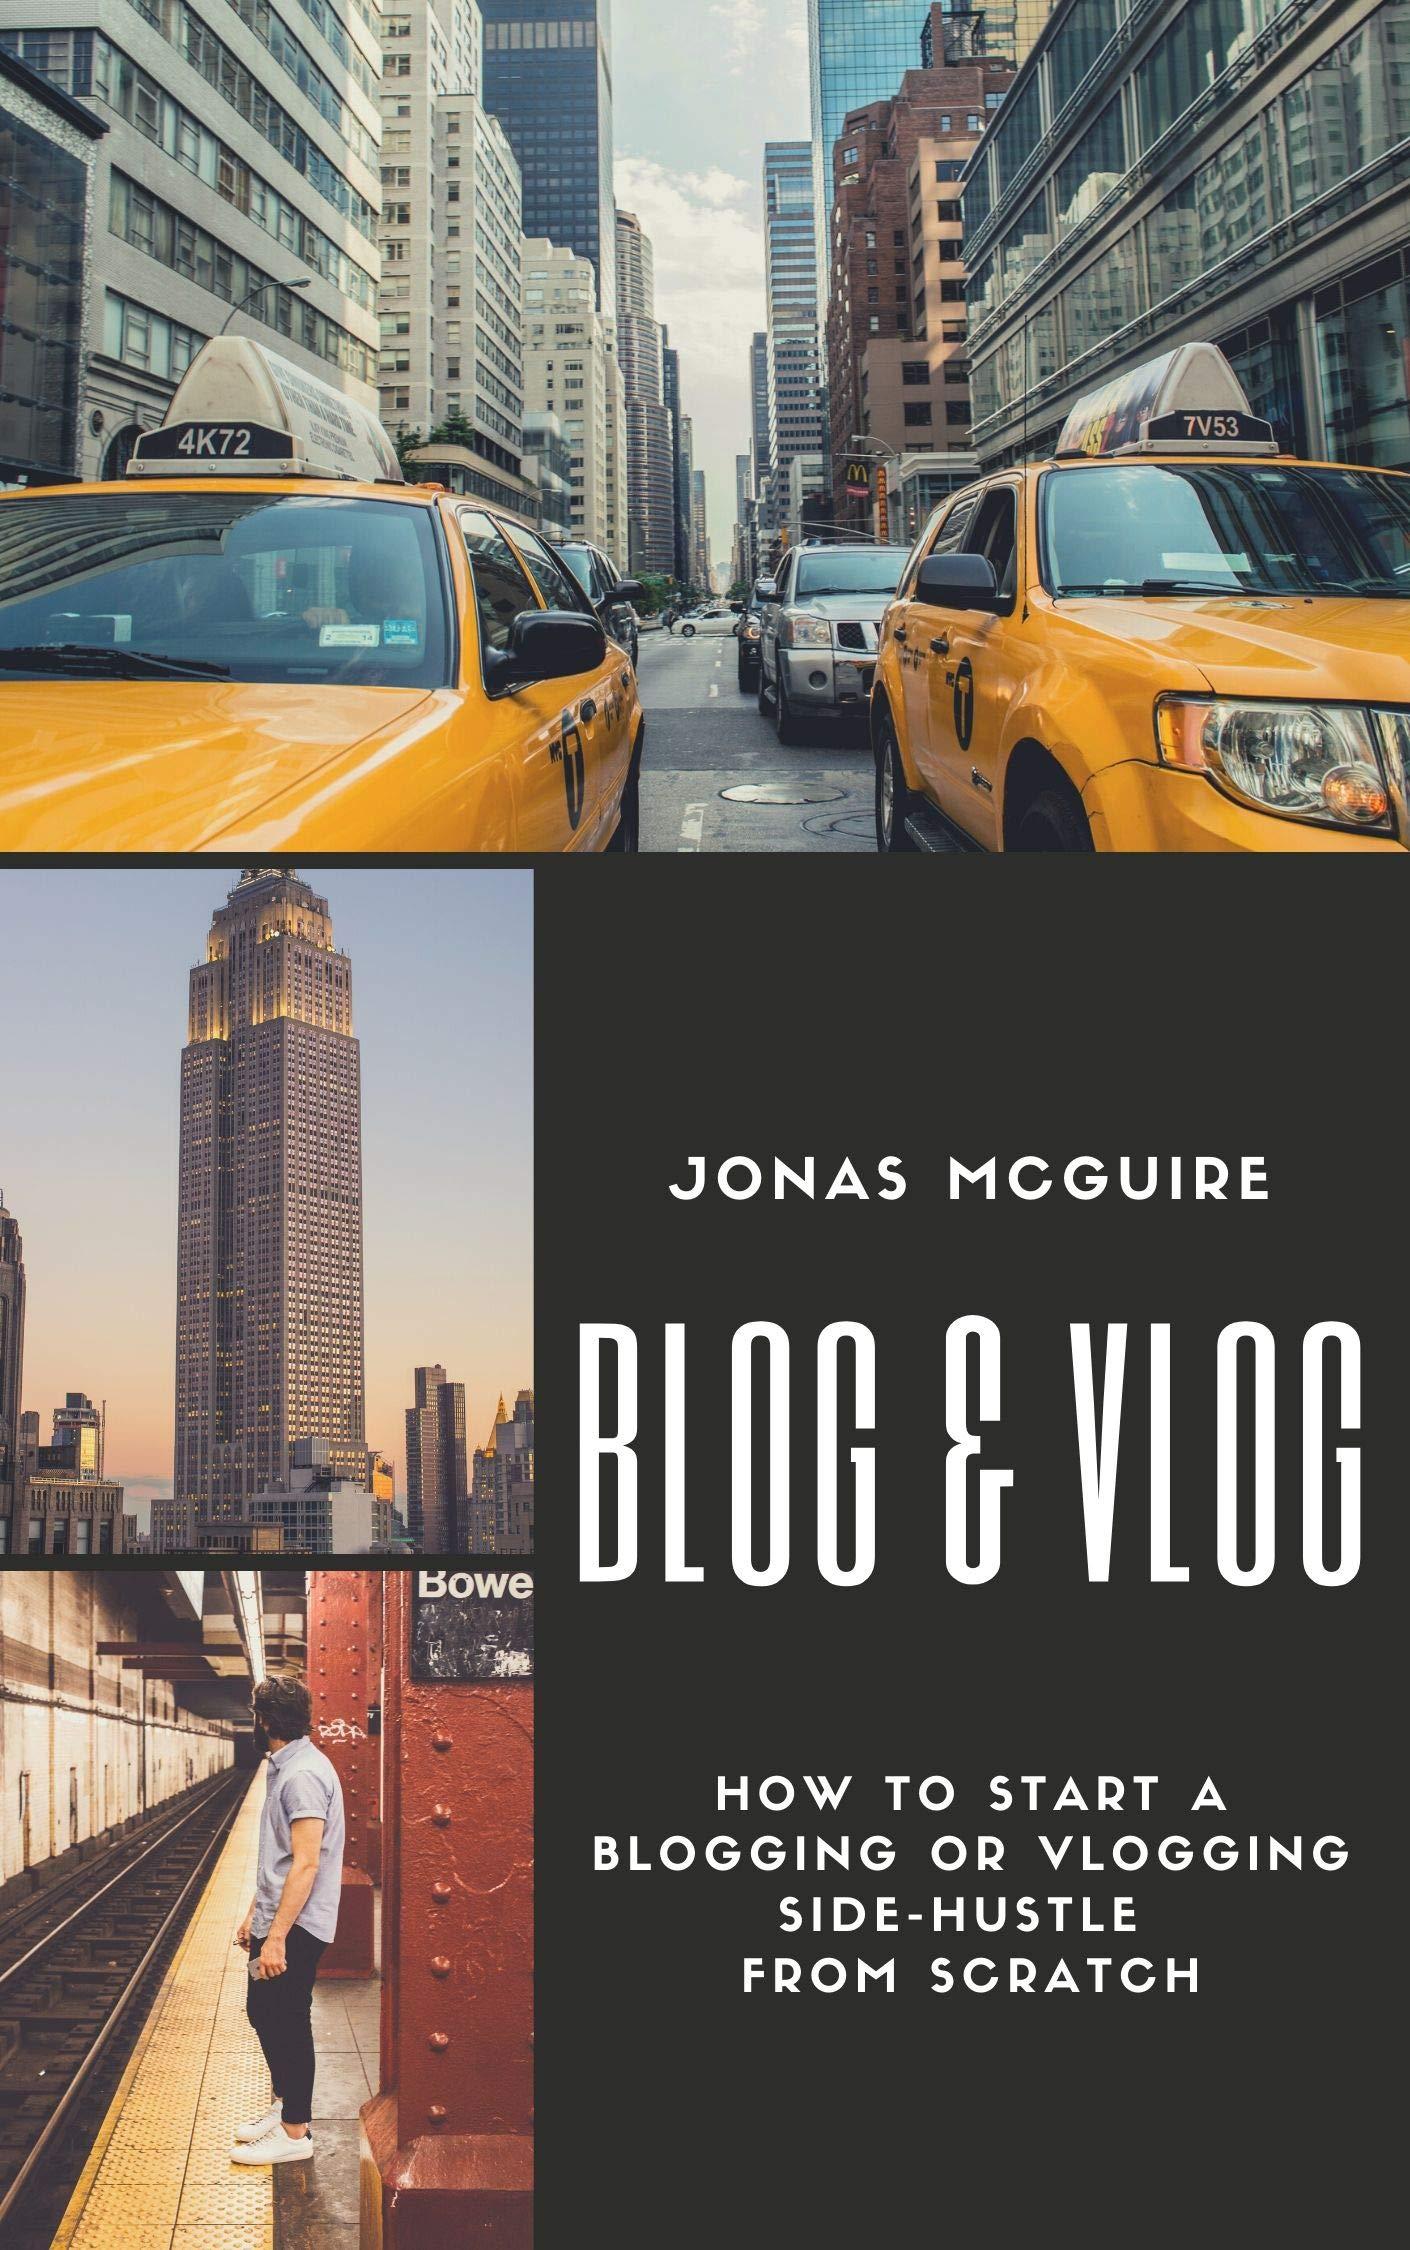 Blog & Vlog to Make Money Online: How to Start a Blogging or Vlogging Side-Hustle from Scratch